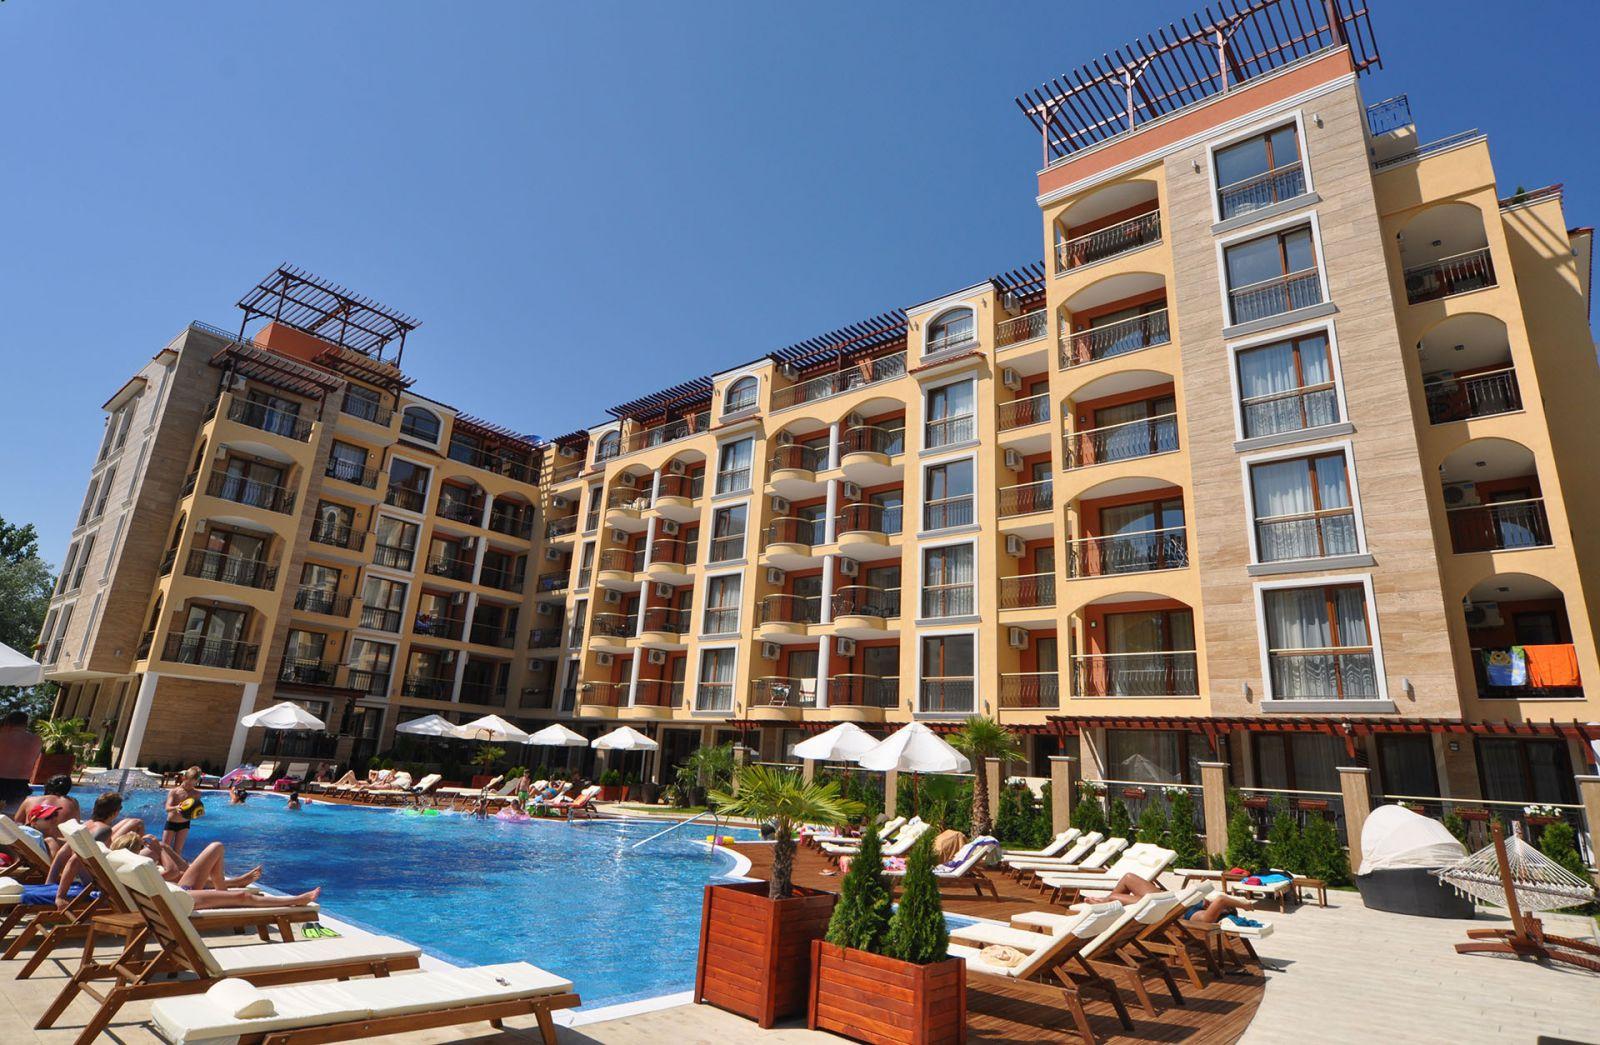 недвижимость в болгарии чита